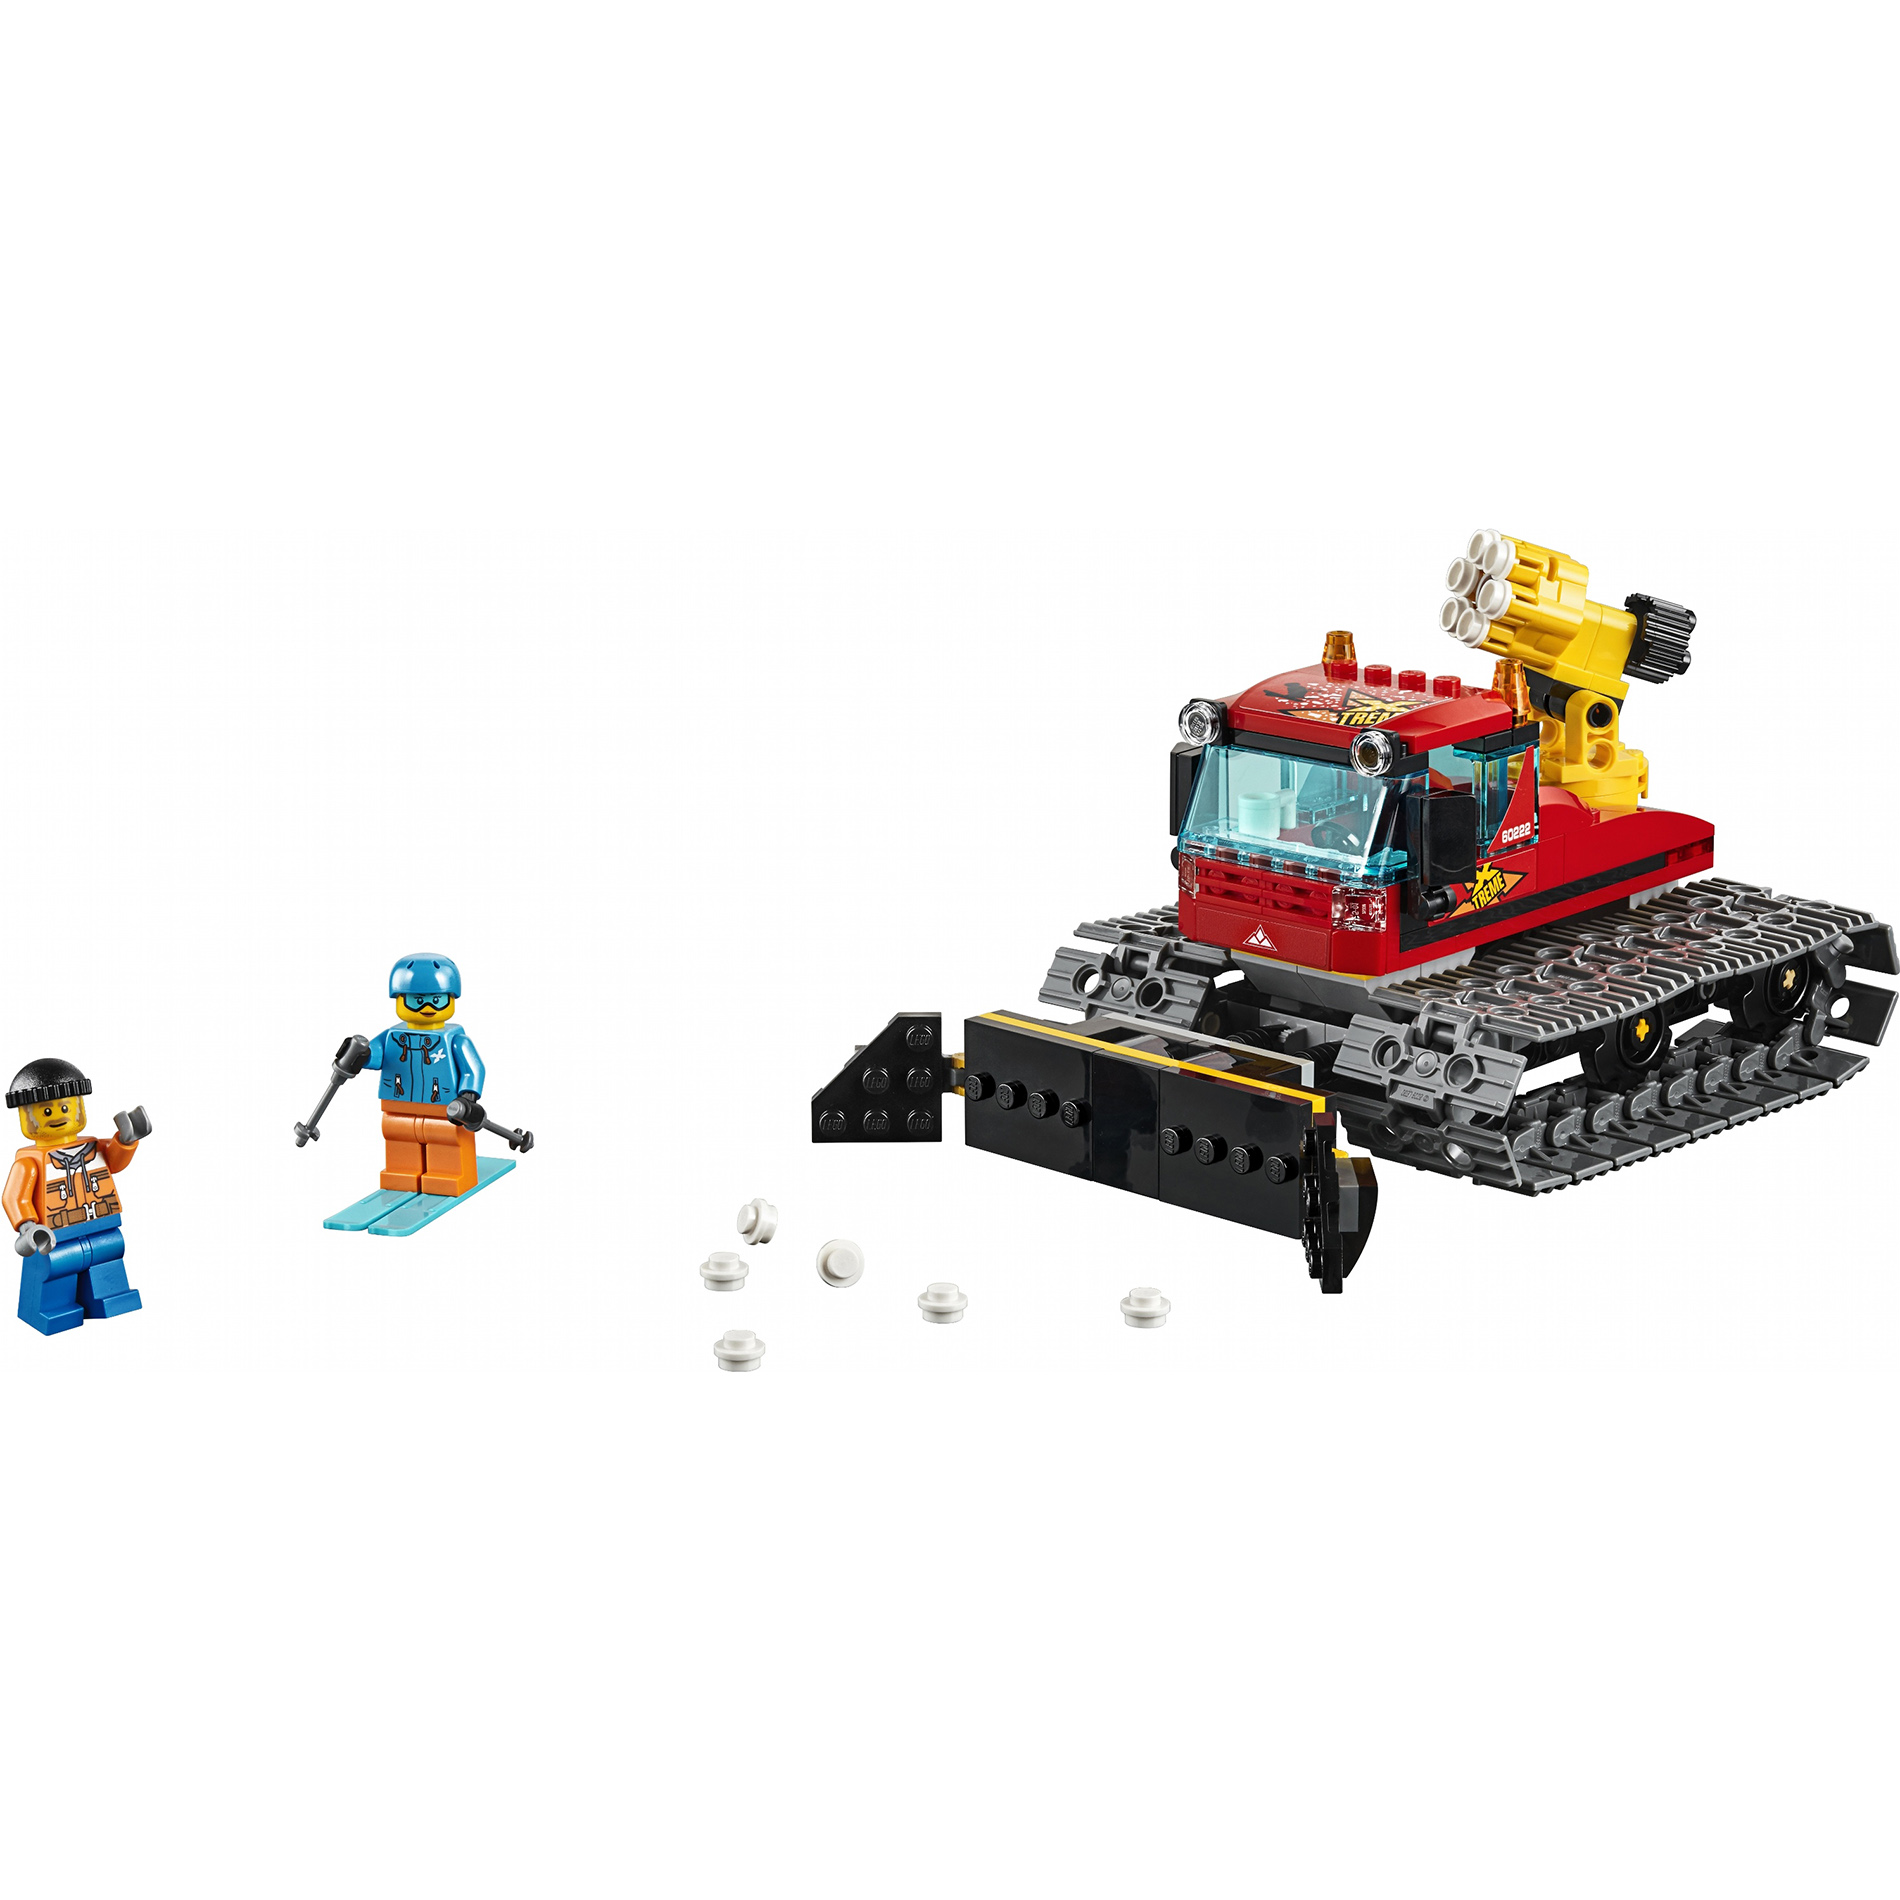 Купить Конструктор Lego City Транспорт: Снегоуборочная машина 60222, пластик, для мальчиков, Конструкторы, пазлы